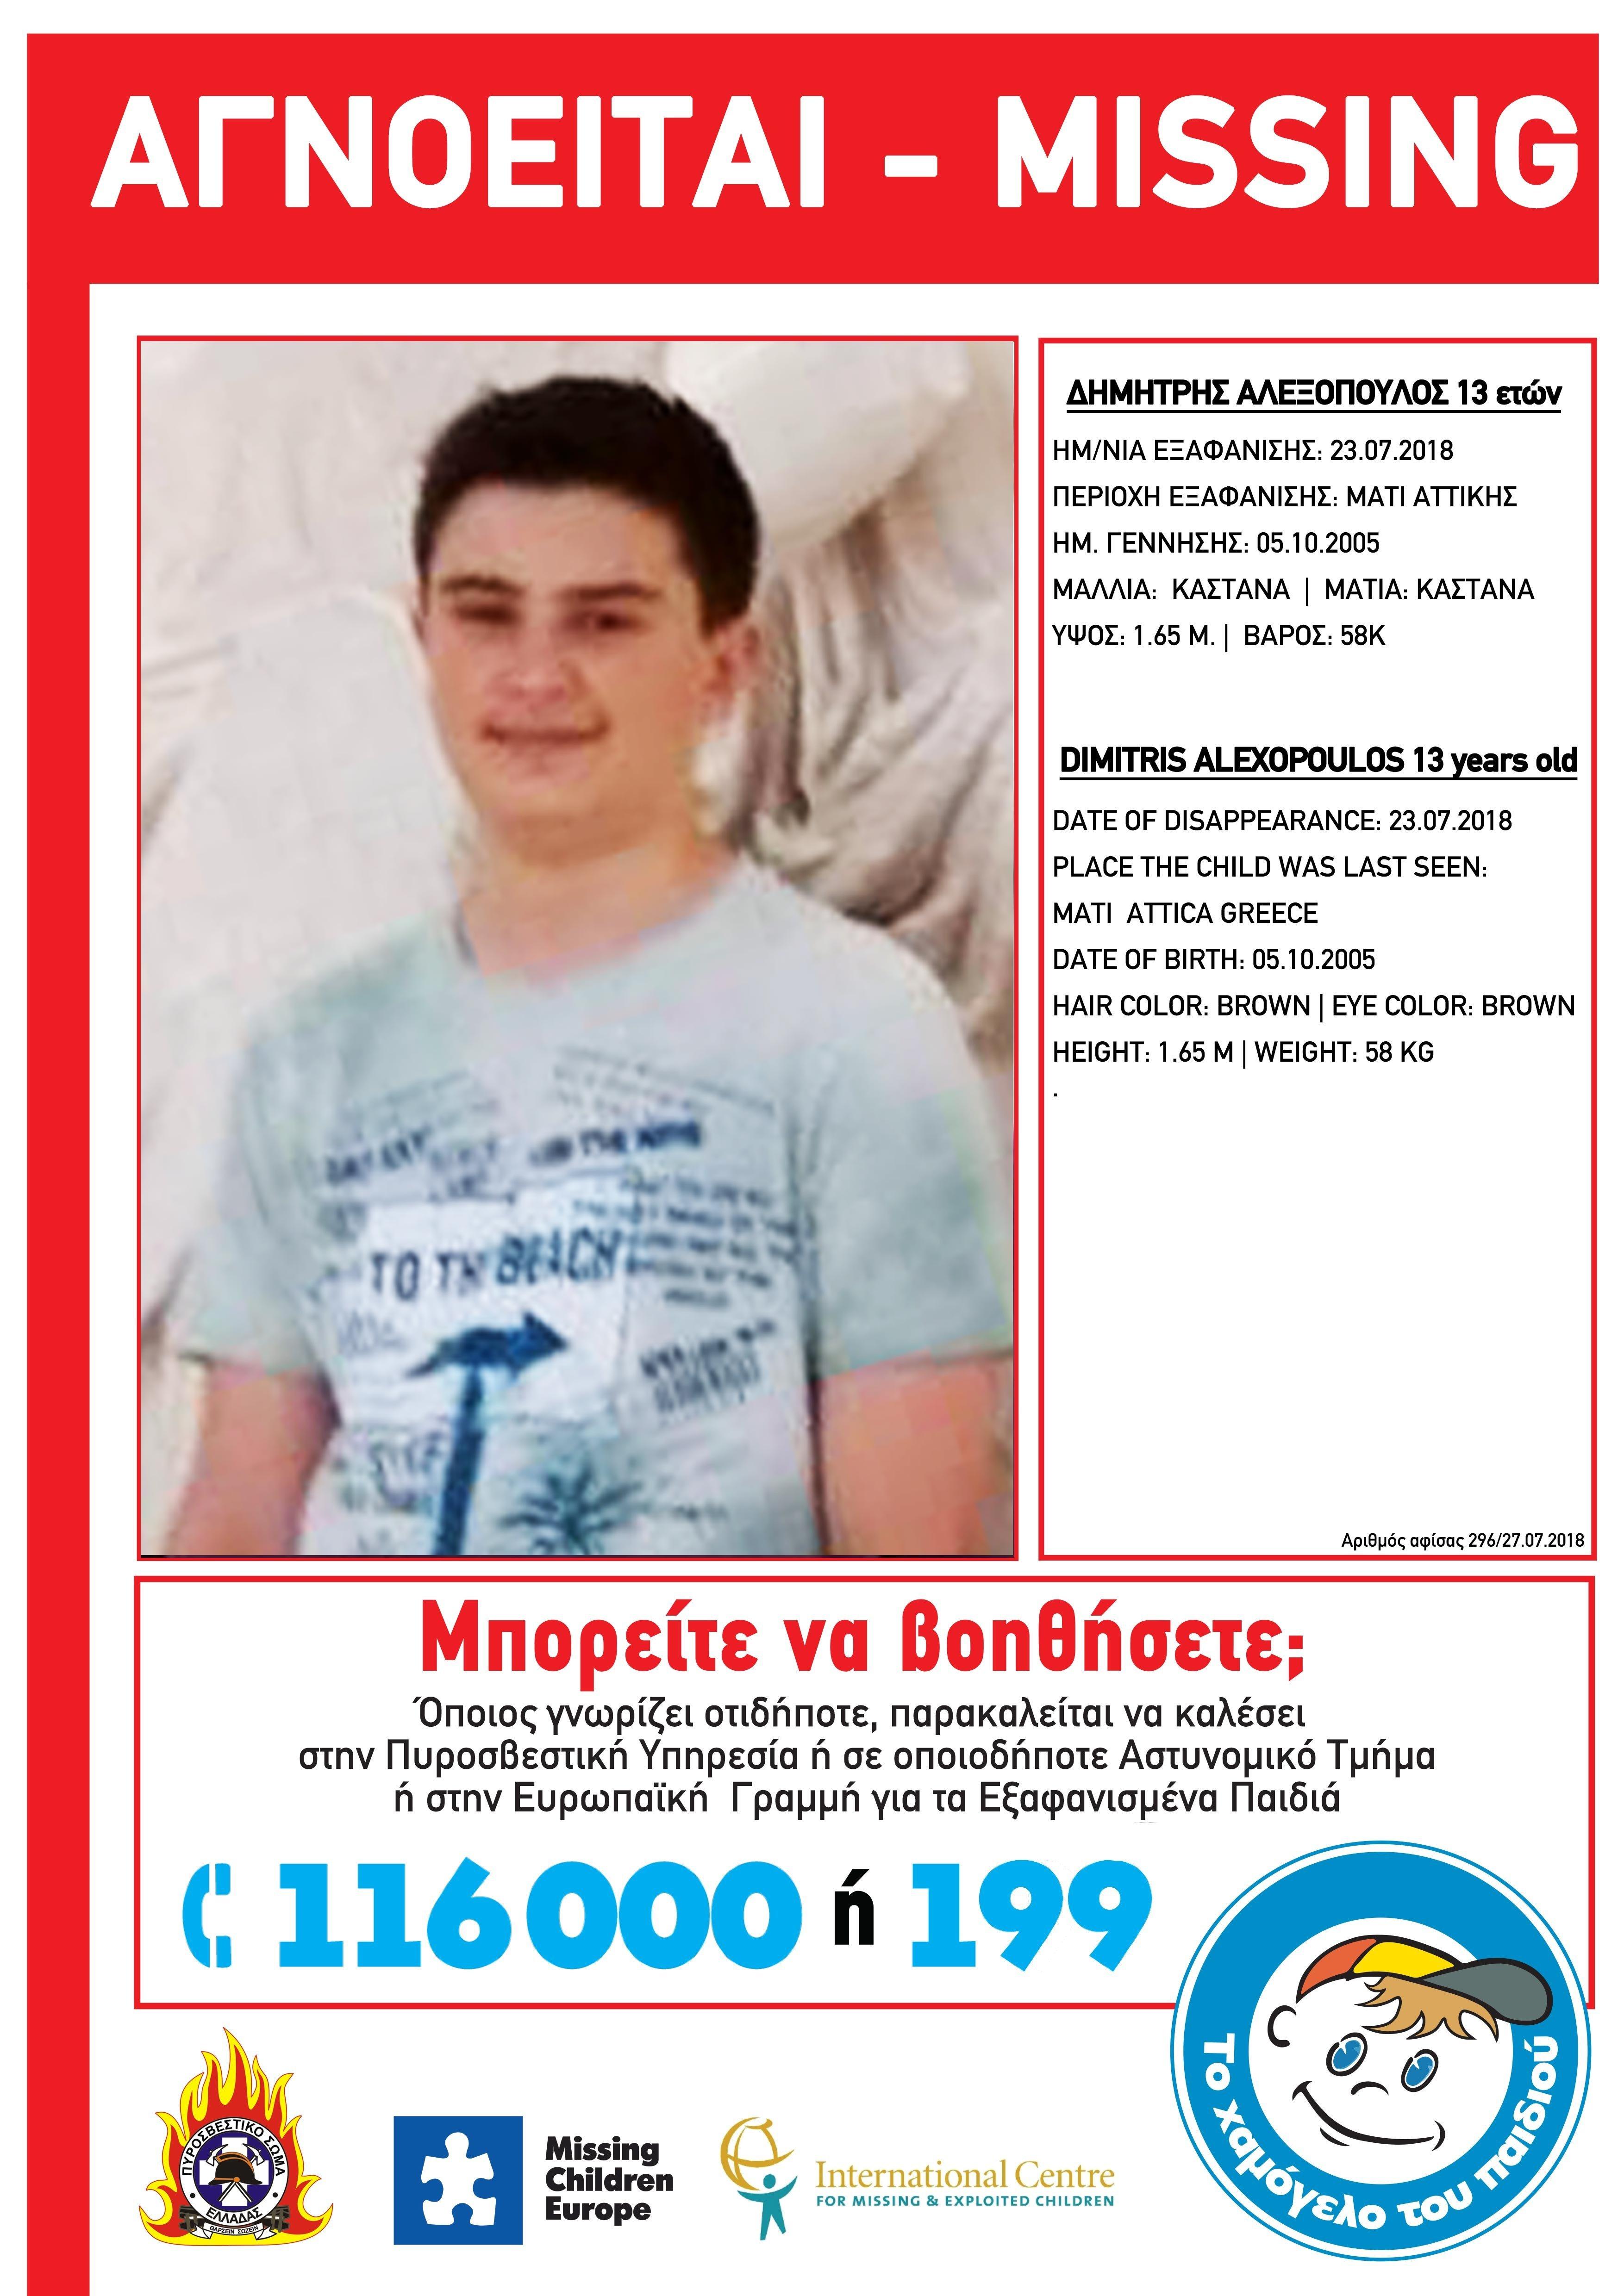 Νεκρός ο 13χρονος που αγνοείτο στο Μάτι. Ταυτοποιήθηκε στα θύματα της πυρκαγιάς